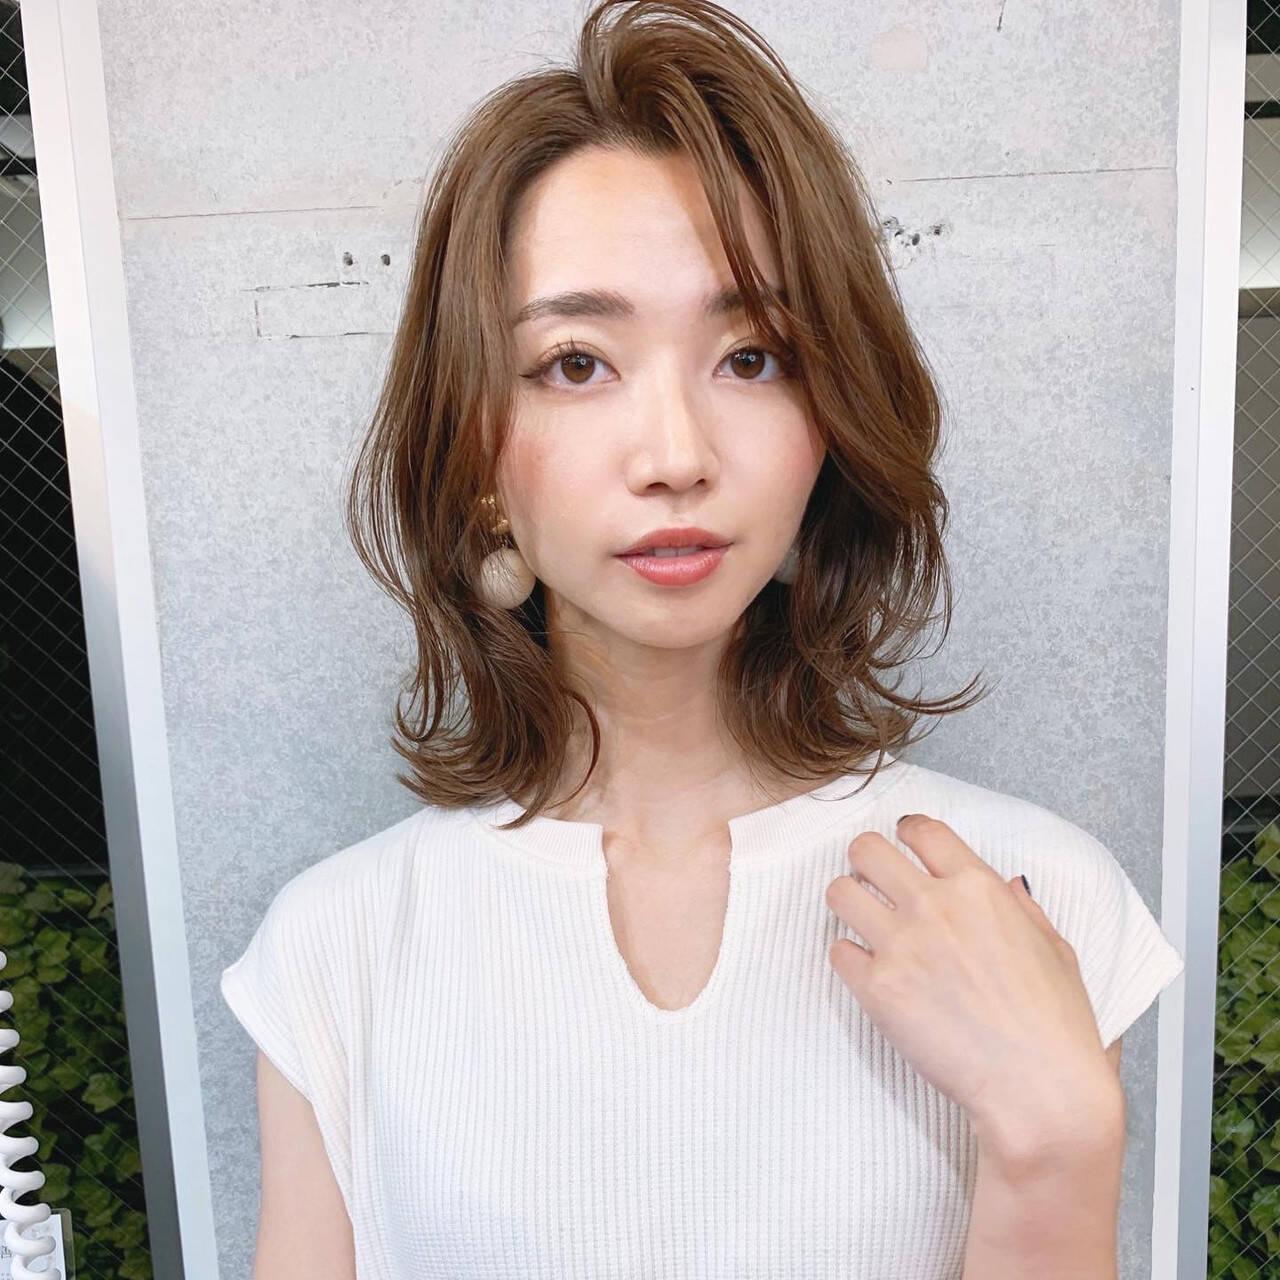 レイヤーカット 韓国風ヘアー 長めバング 大人女子ヘアスタイルや髪型の写真・画像